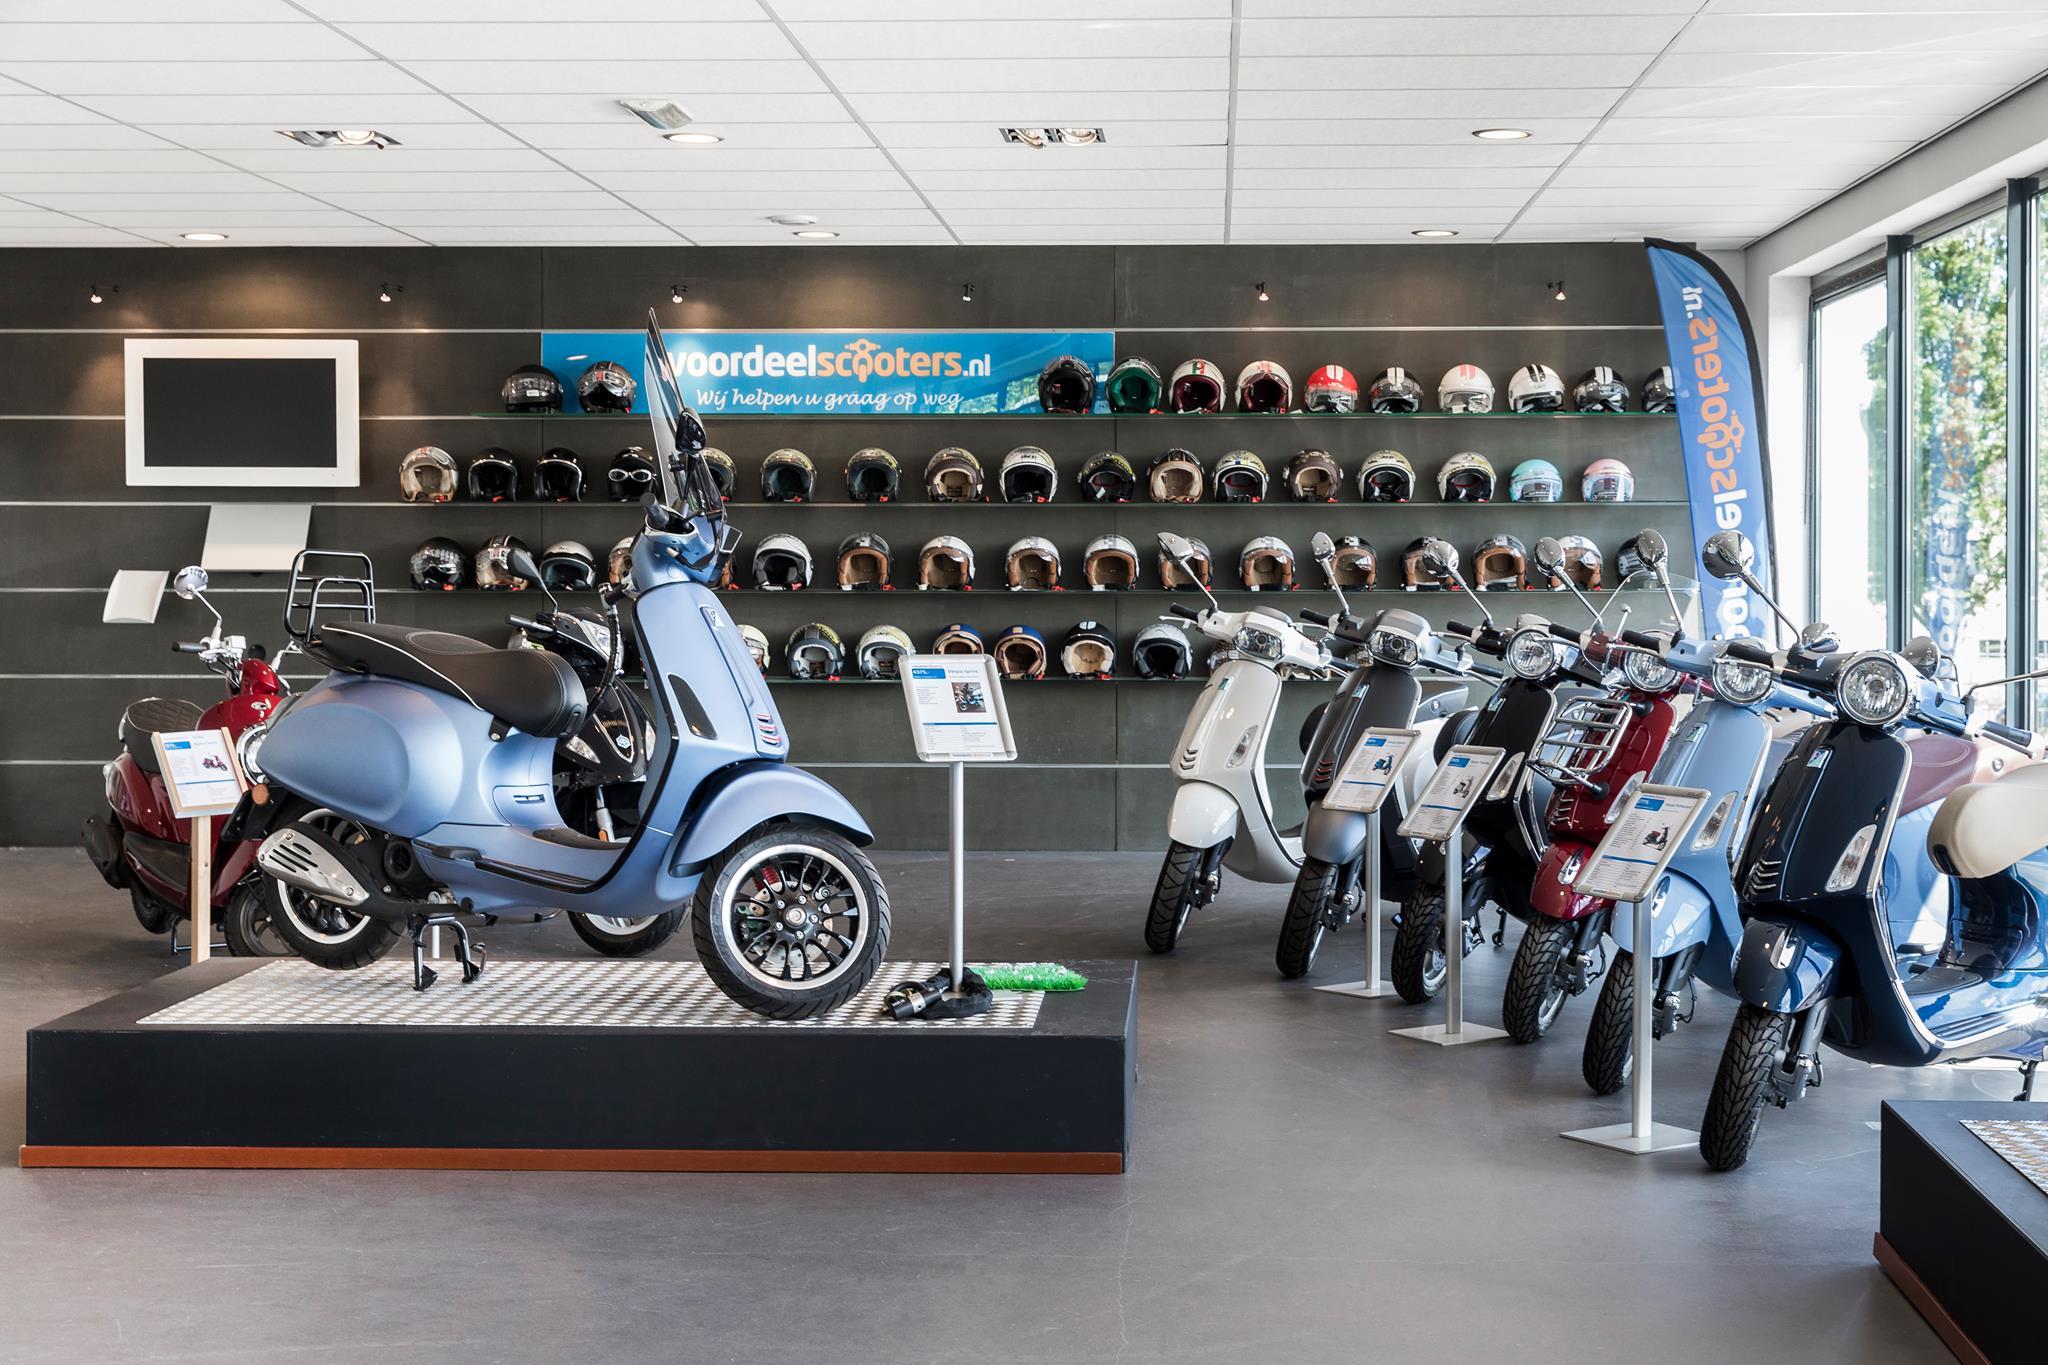 Voordeelscooters.nl scooters winkel - indebuurt Dordrecht.JPG